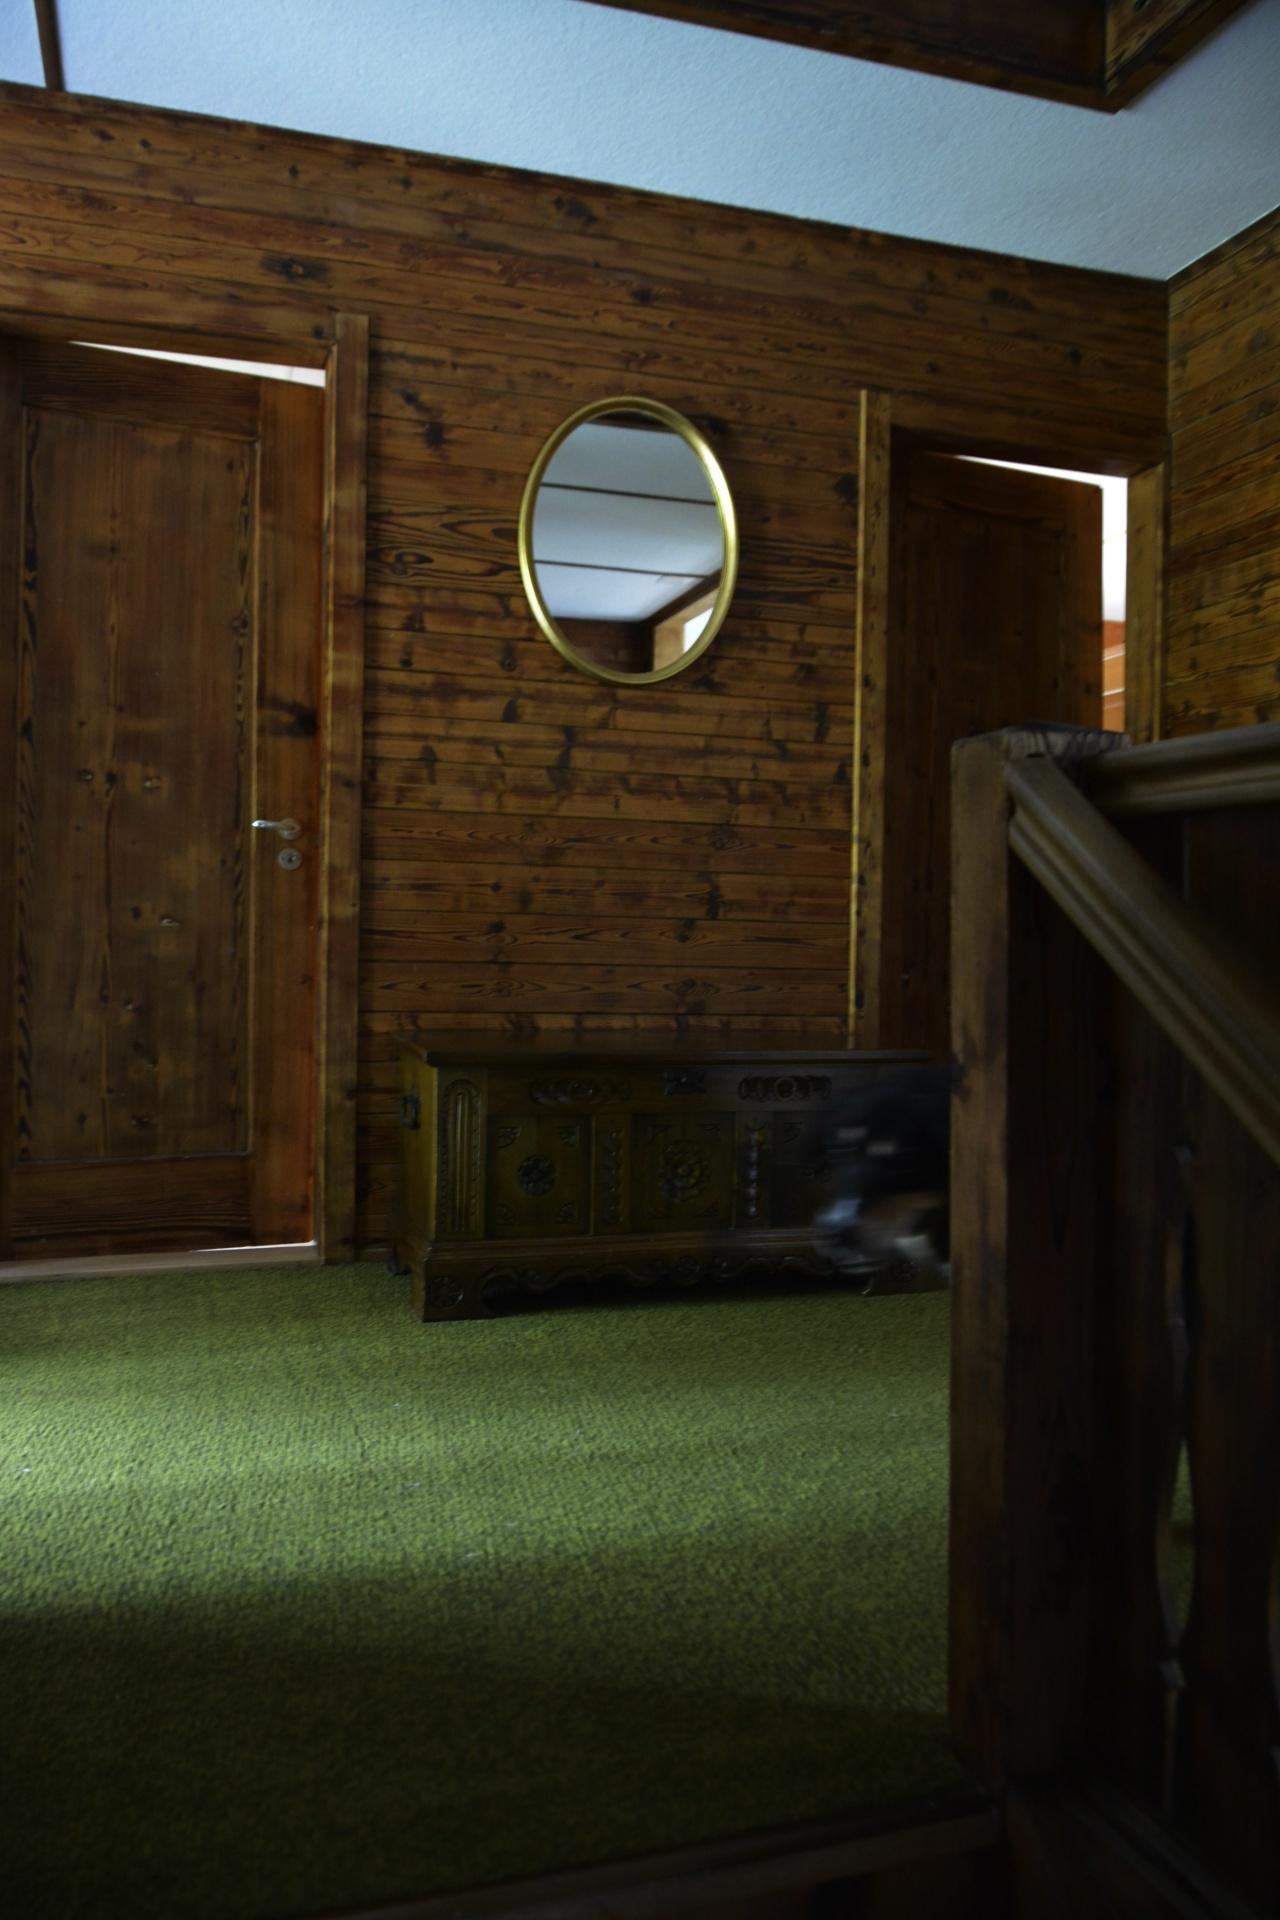 r ume wieder zum l cheln bringen. Black Bedroom Furniture Sets. Home Design Ideas